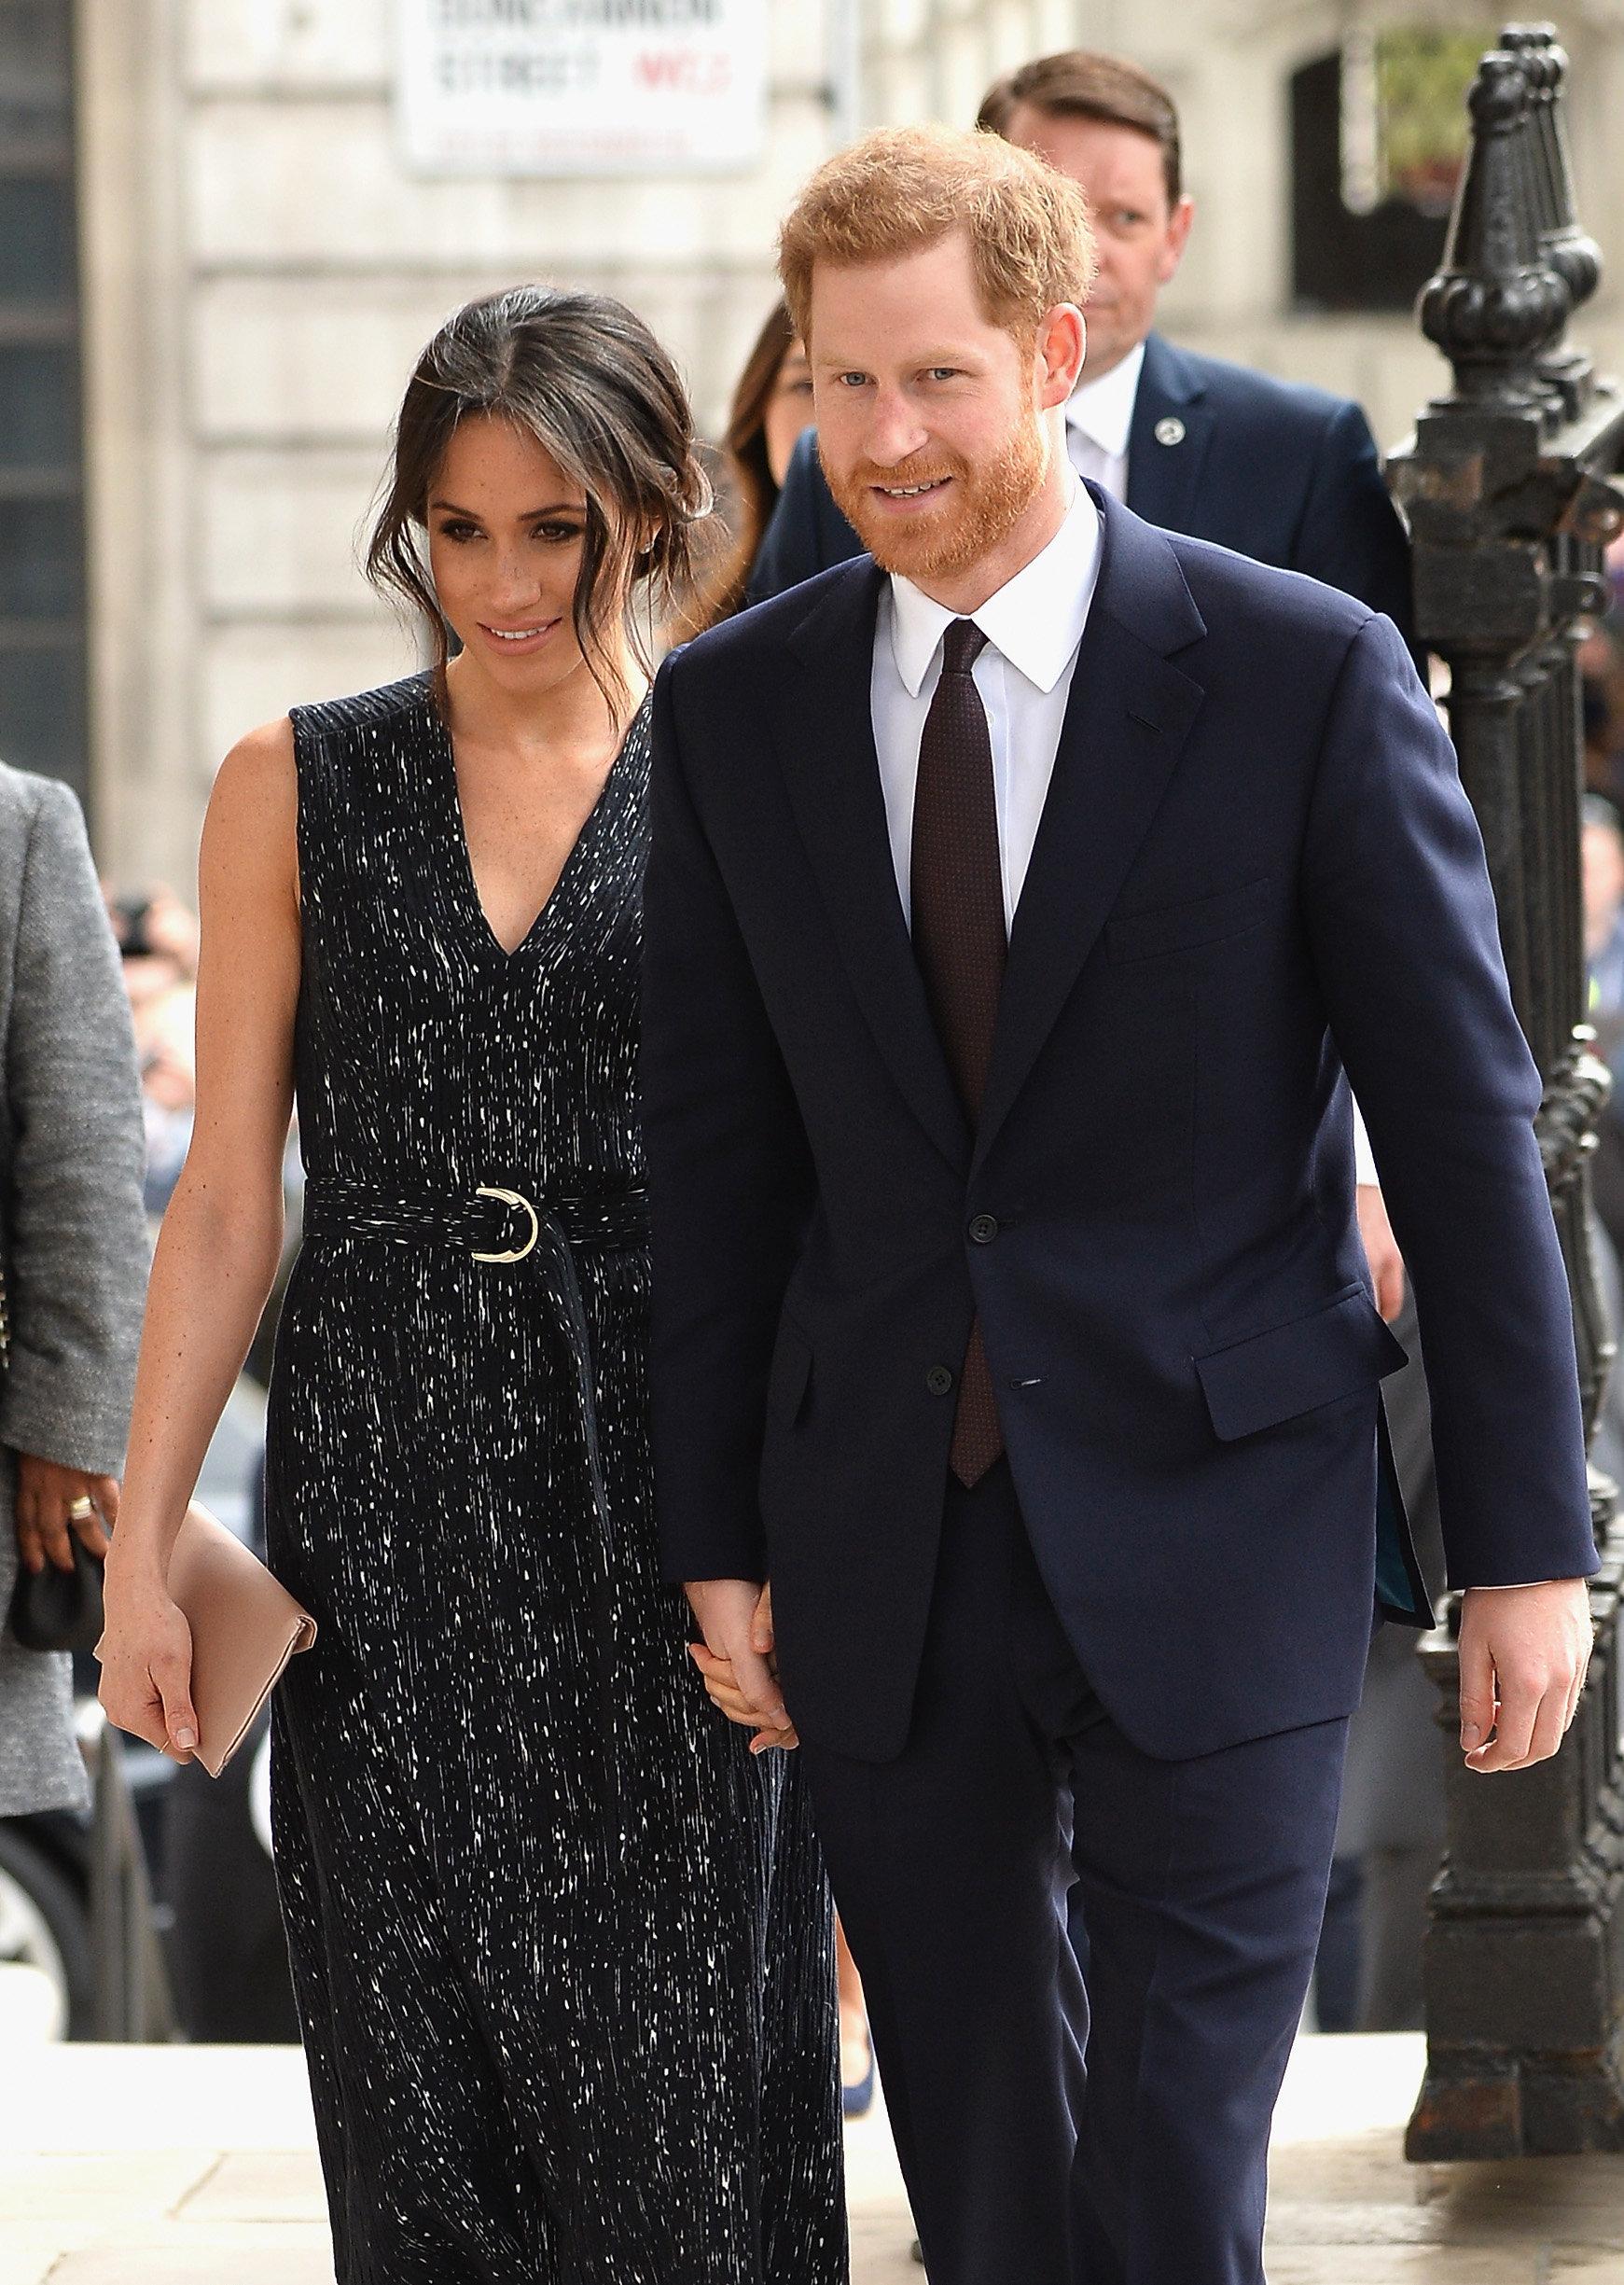 당신도 몰랐을 영국 왕실 결혼의 전통과 에티켓